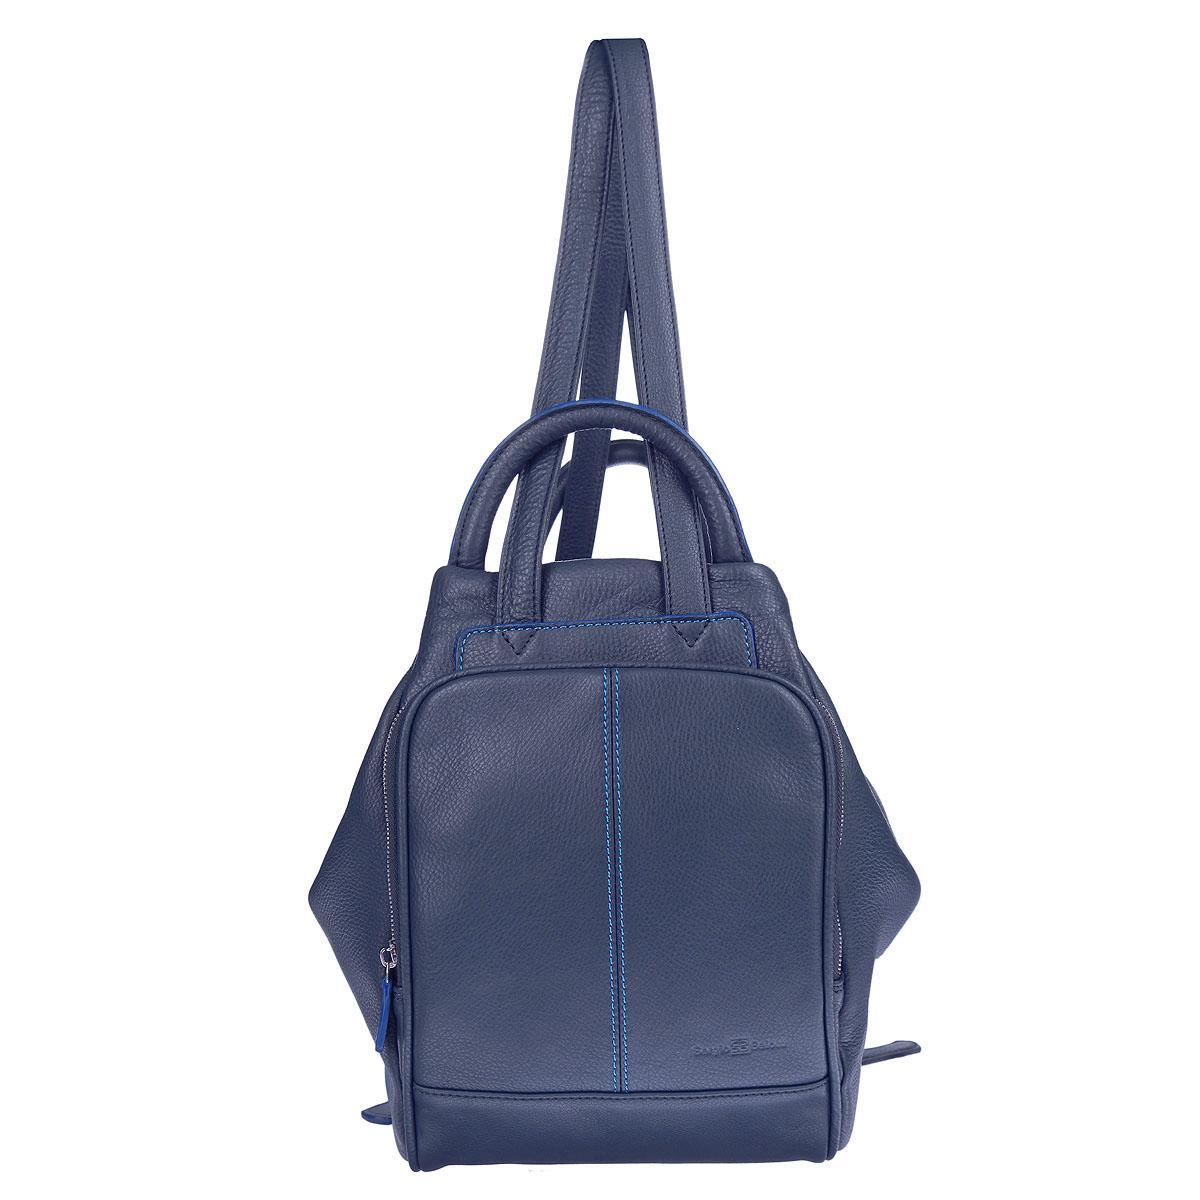 Рюкзак мужской Sergio Belotti, цвет: синий. 98159815 indigo jeansУниверсальный мужской рюкзак Sergio Belotti выполнен из натуральной кожи. Рюкзак содержит одно основное отделение, закрывающееся на застежку-молнию. Внутри размещены два вшитых кармана на молниях. Снаружи изделие дополнено накладным карманом на молнии, внутри которого размещены еще два накладных кармана. Рюкзак оснащен регулируемыми плечевыми лямками и дополнен удобными ручками. Такой стильный и в то же время, элегантный рюкзак - станет идеальным дополнением к вашему образу.